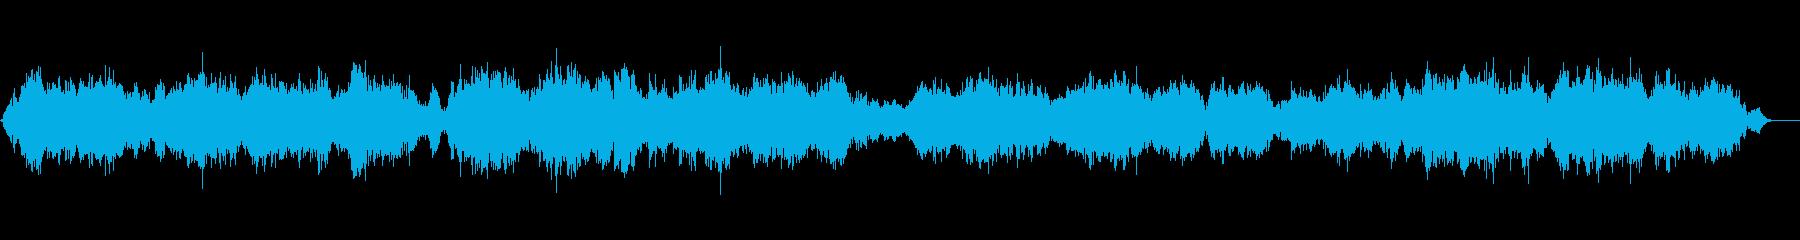 スモールスタジオオーディエンス:怒...の再生済みの波形